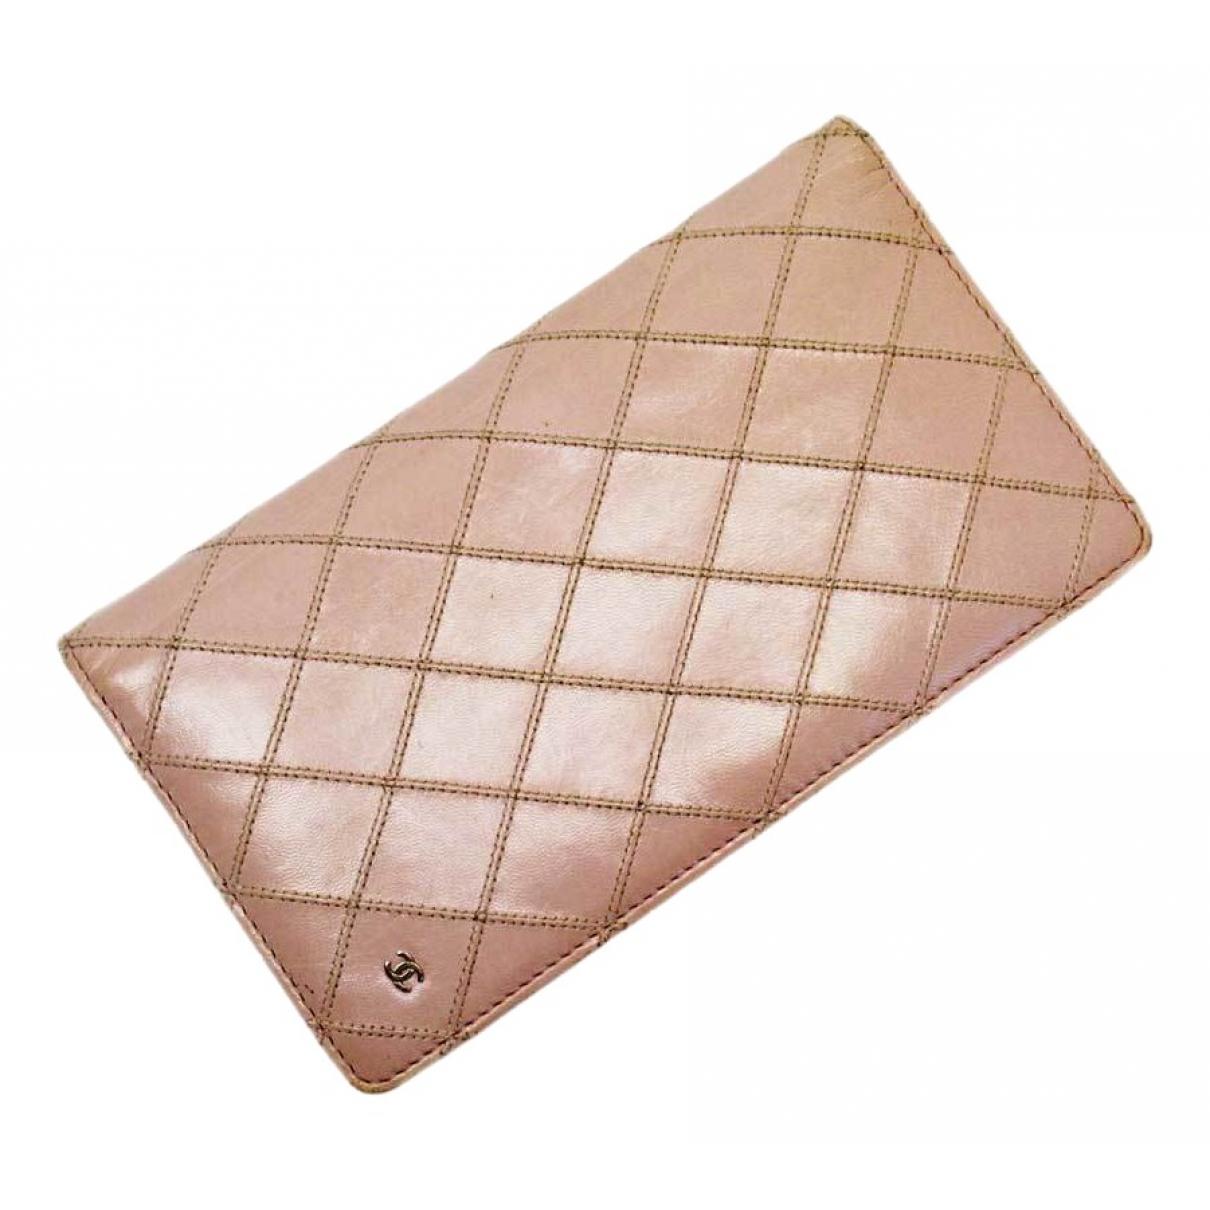 Chanel - Portefeuille   pour femme en cuir - rose